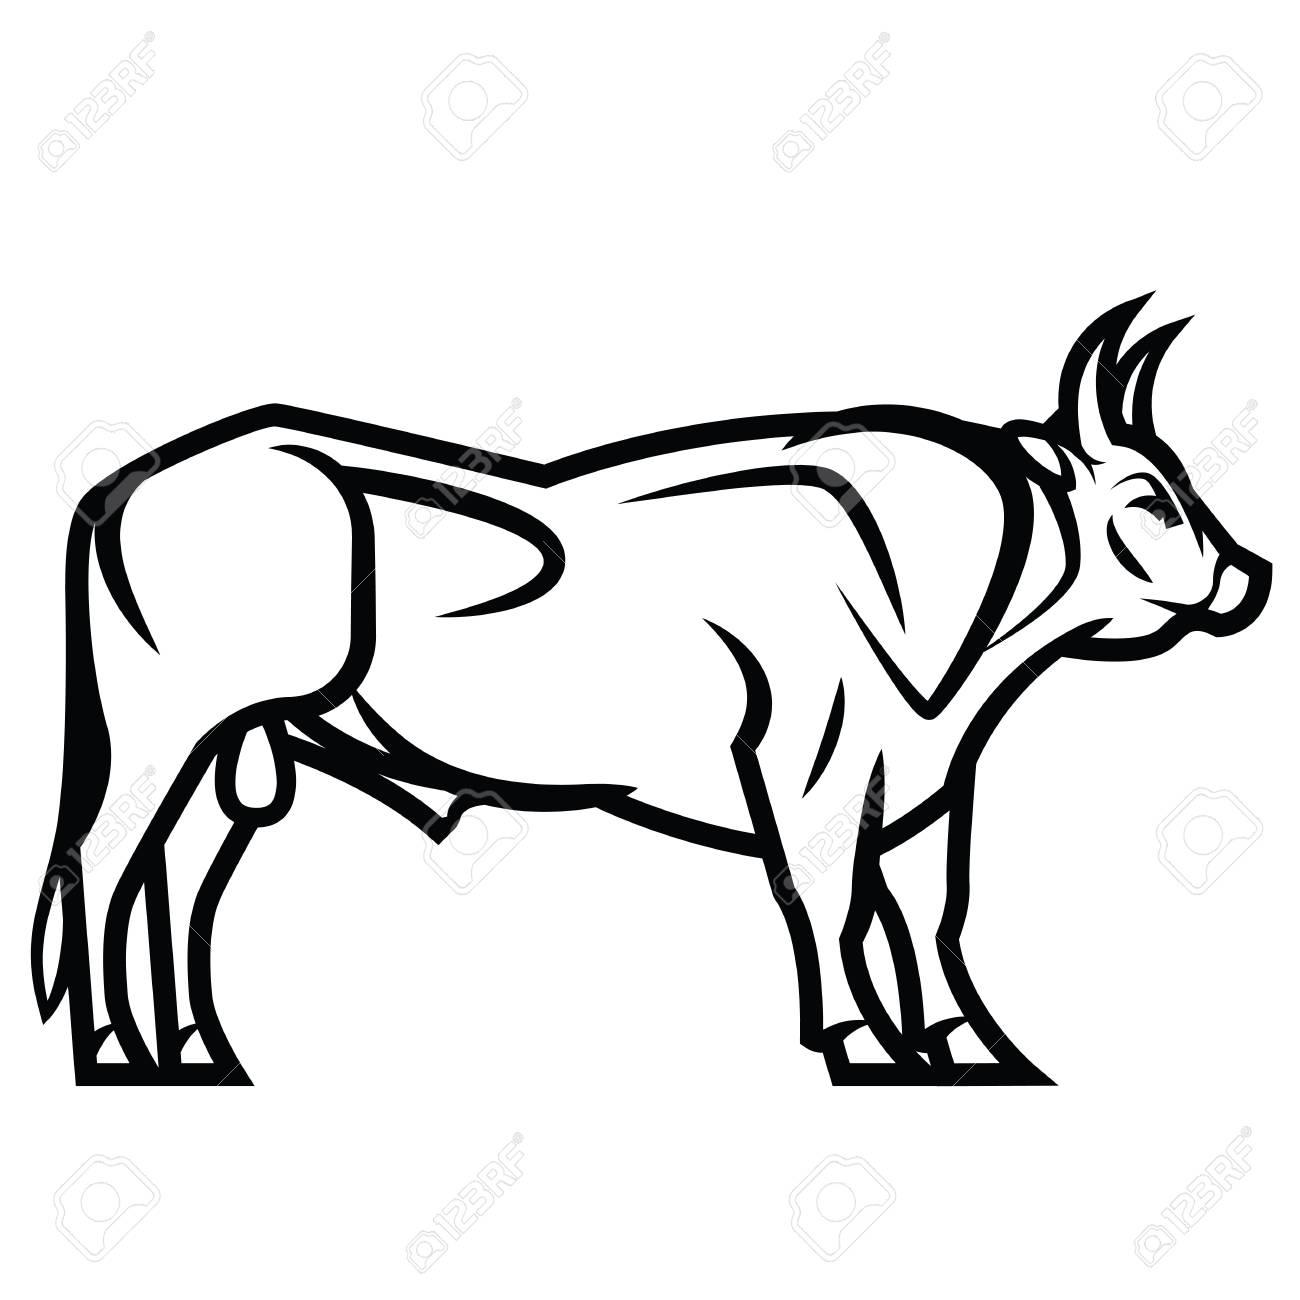 Dessin Noir Et Blanc Vectoriel Puissant Taureau A Cornes Clip